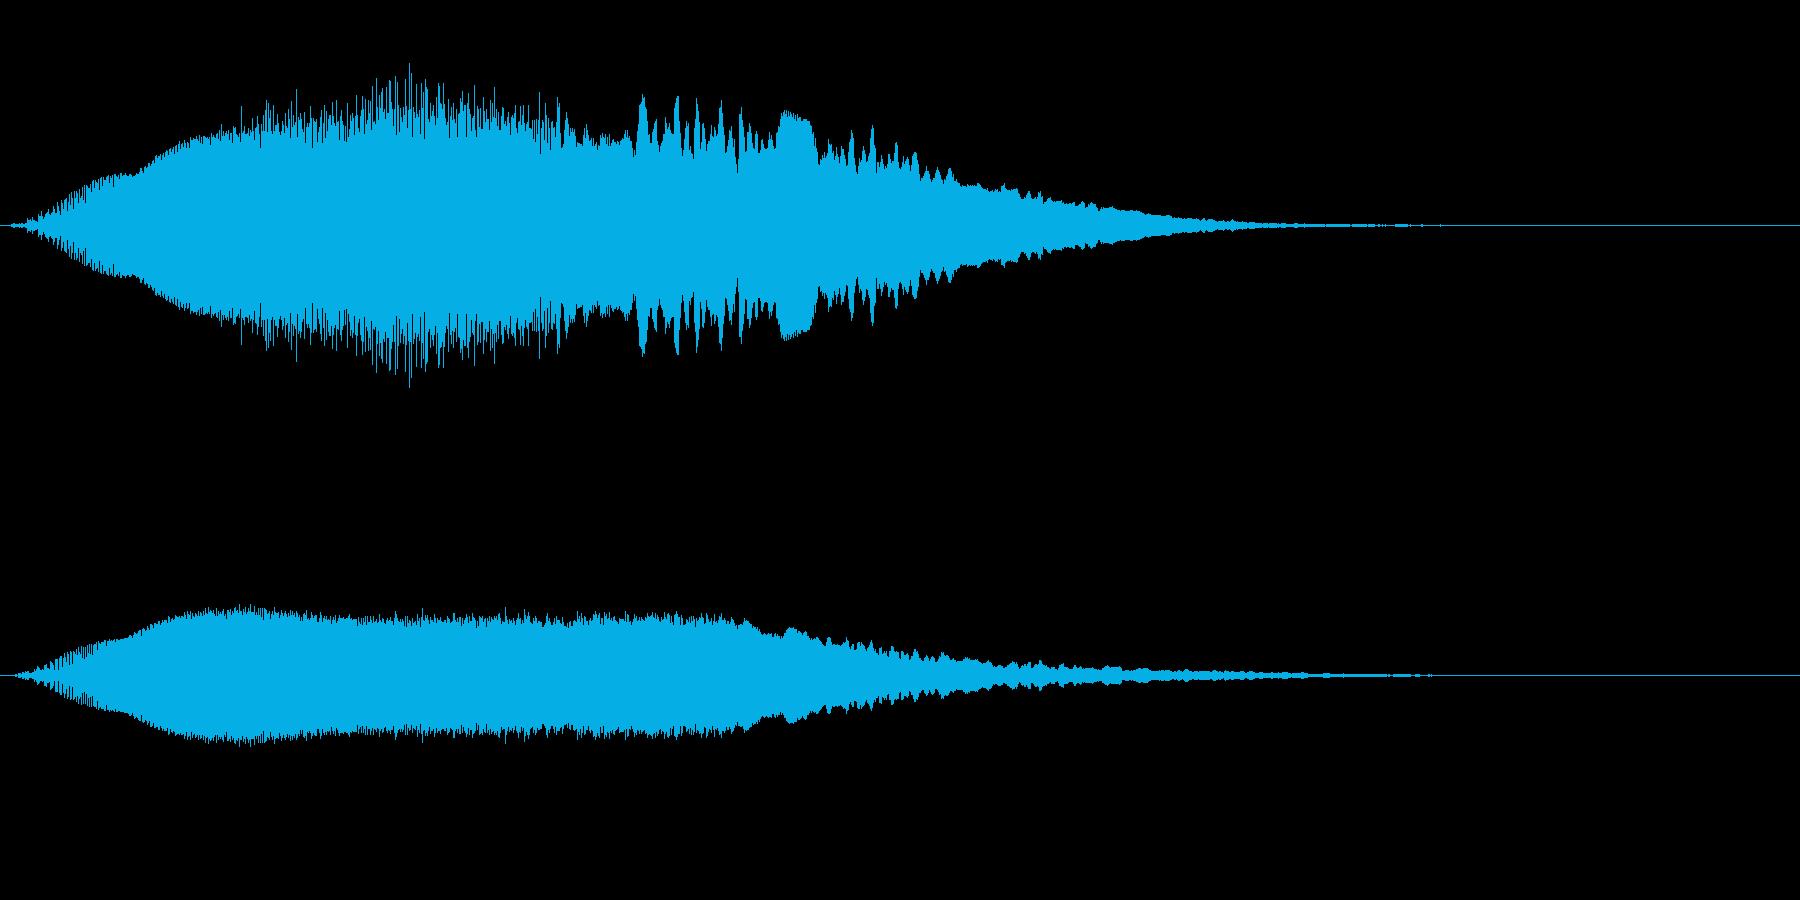 上昇していく効果音、レーザー音 高めの再生済みの波形